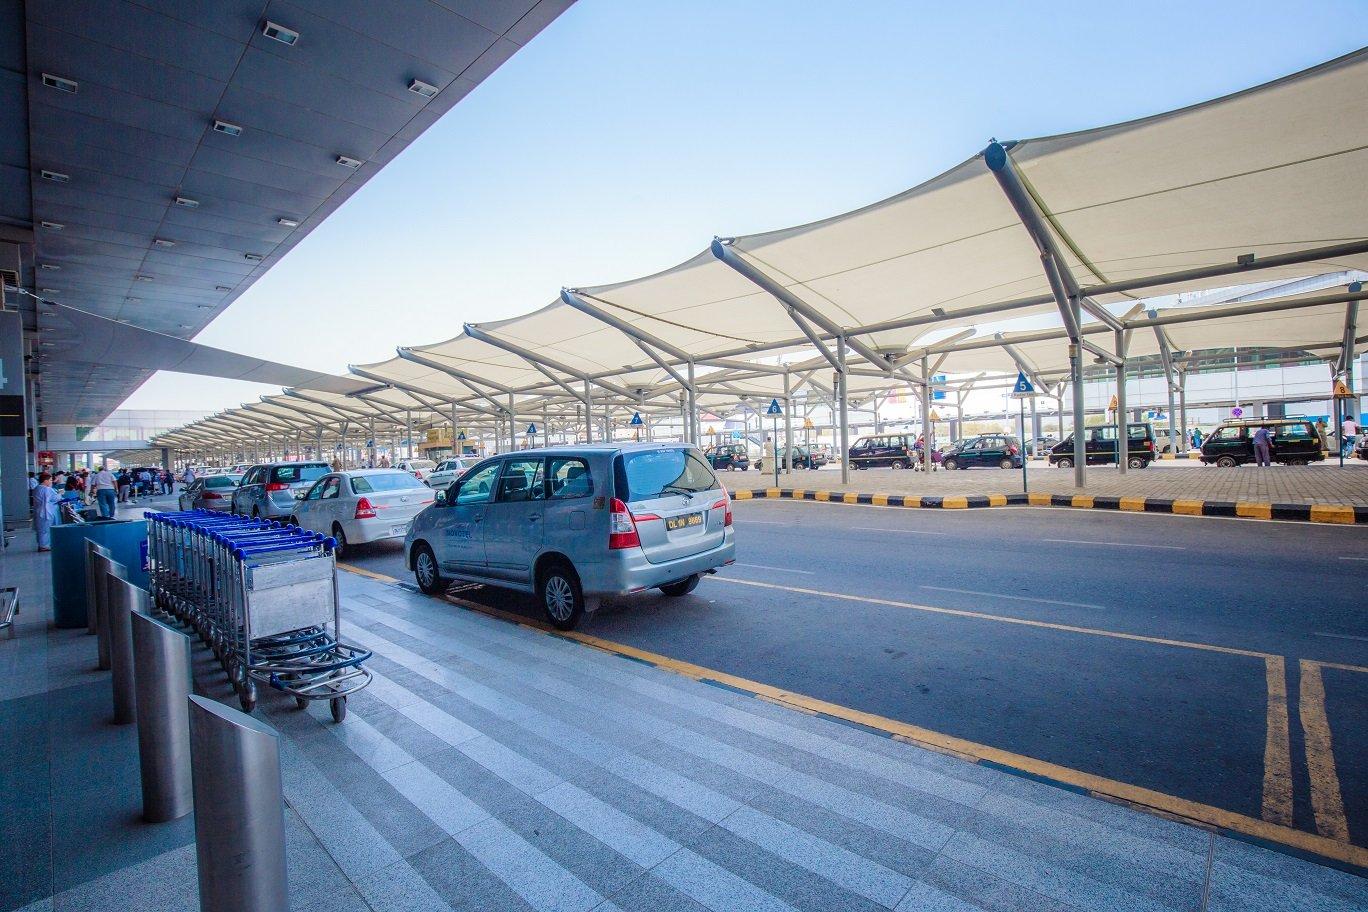 Connecting between New Delhi Airport terminals